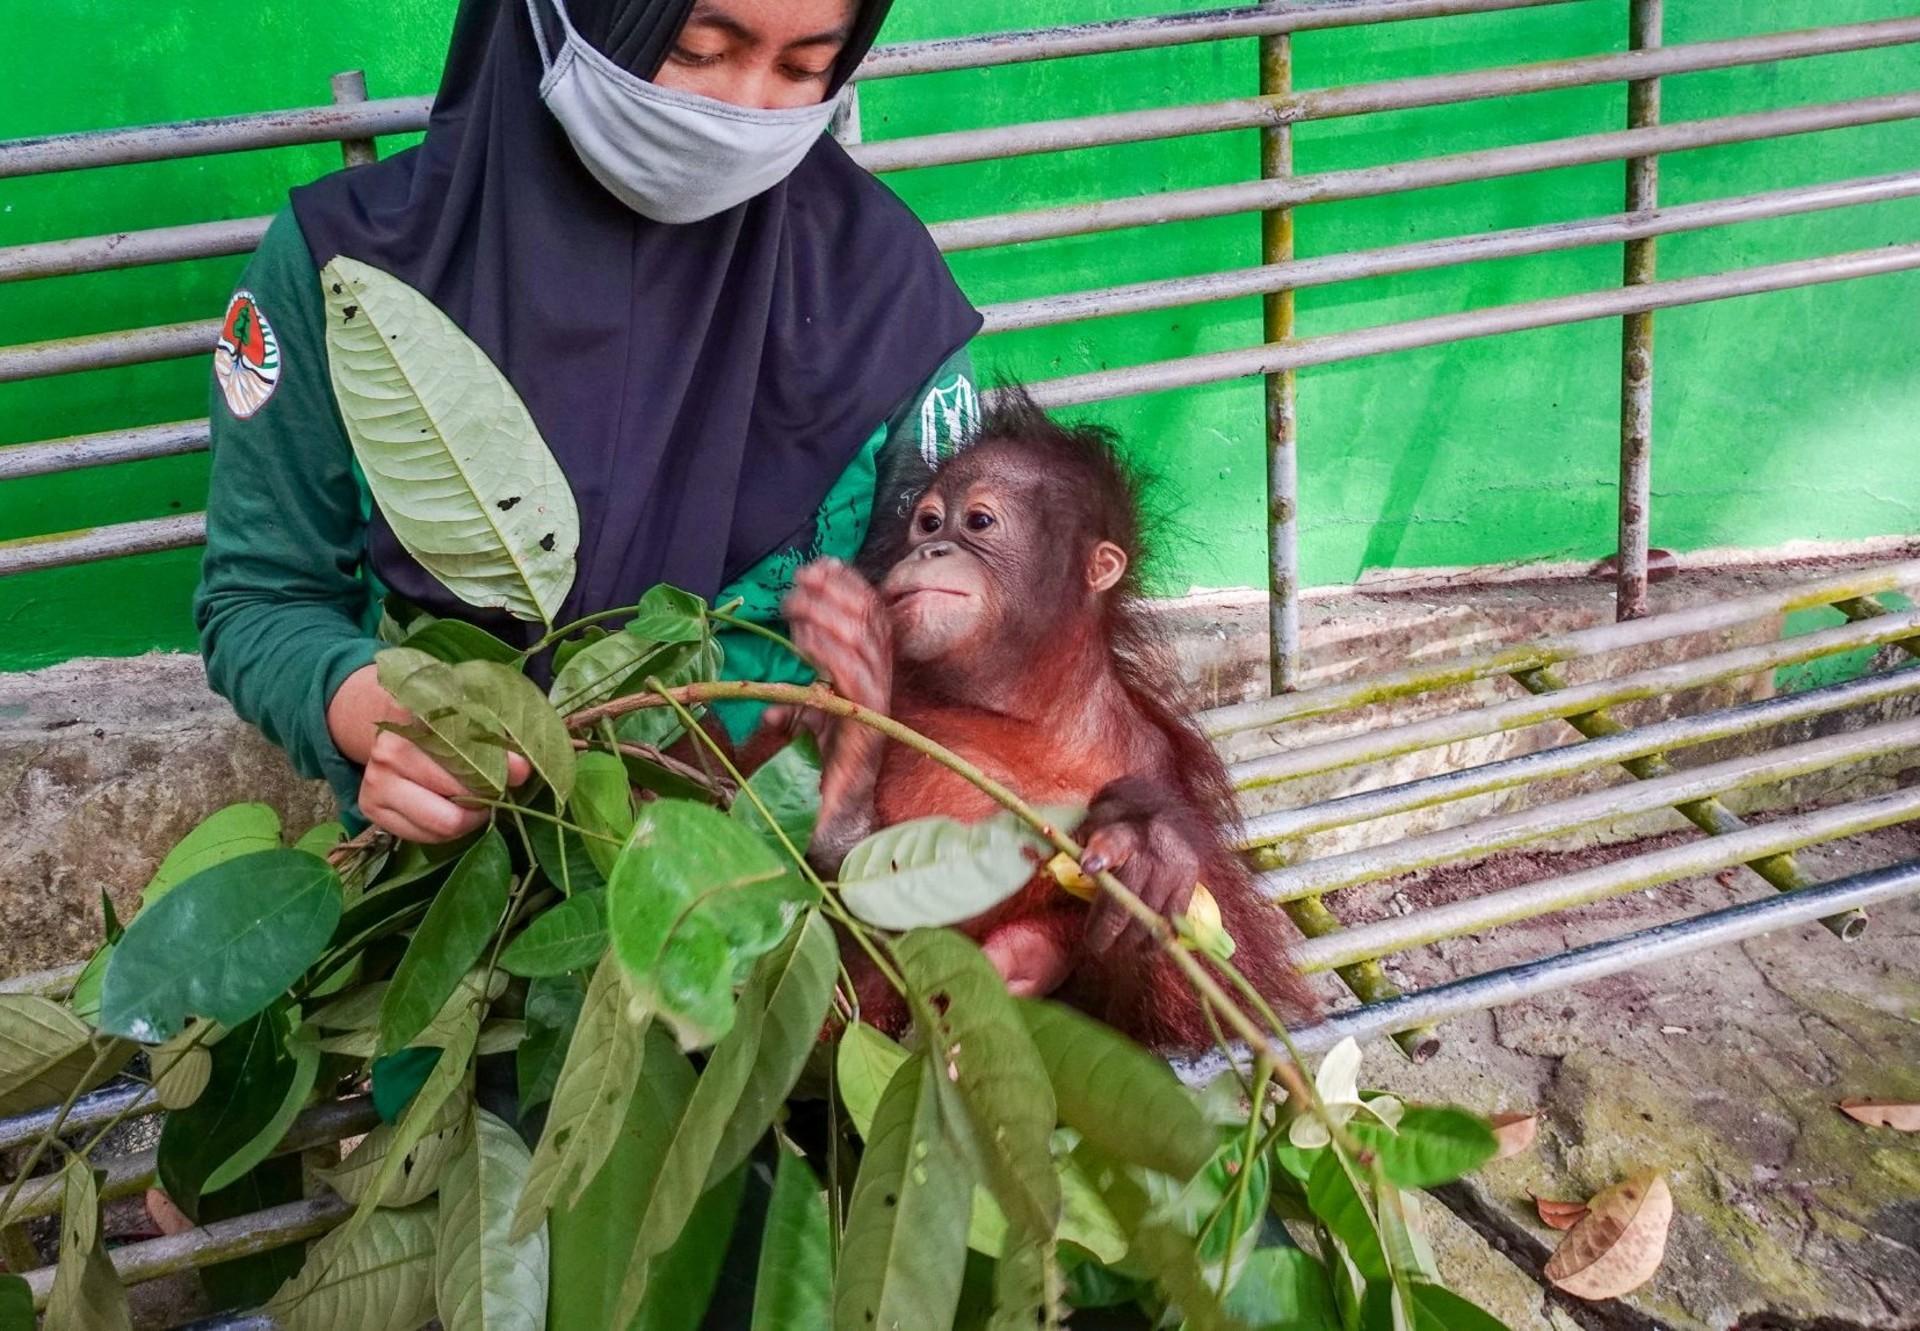 Orphan Damai arrives at the ORANGUTAN FOREST SCHOOL